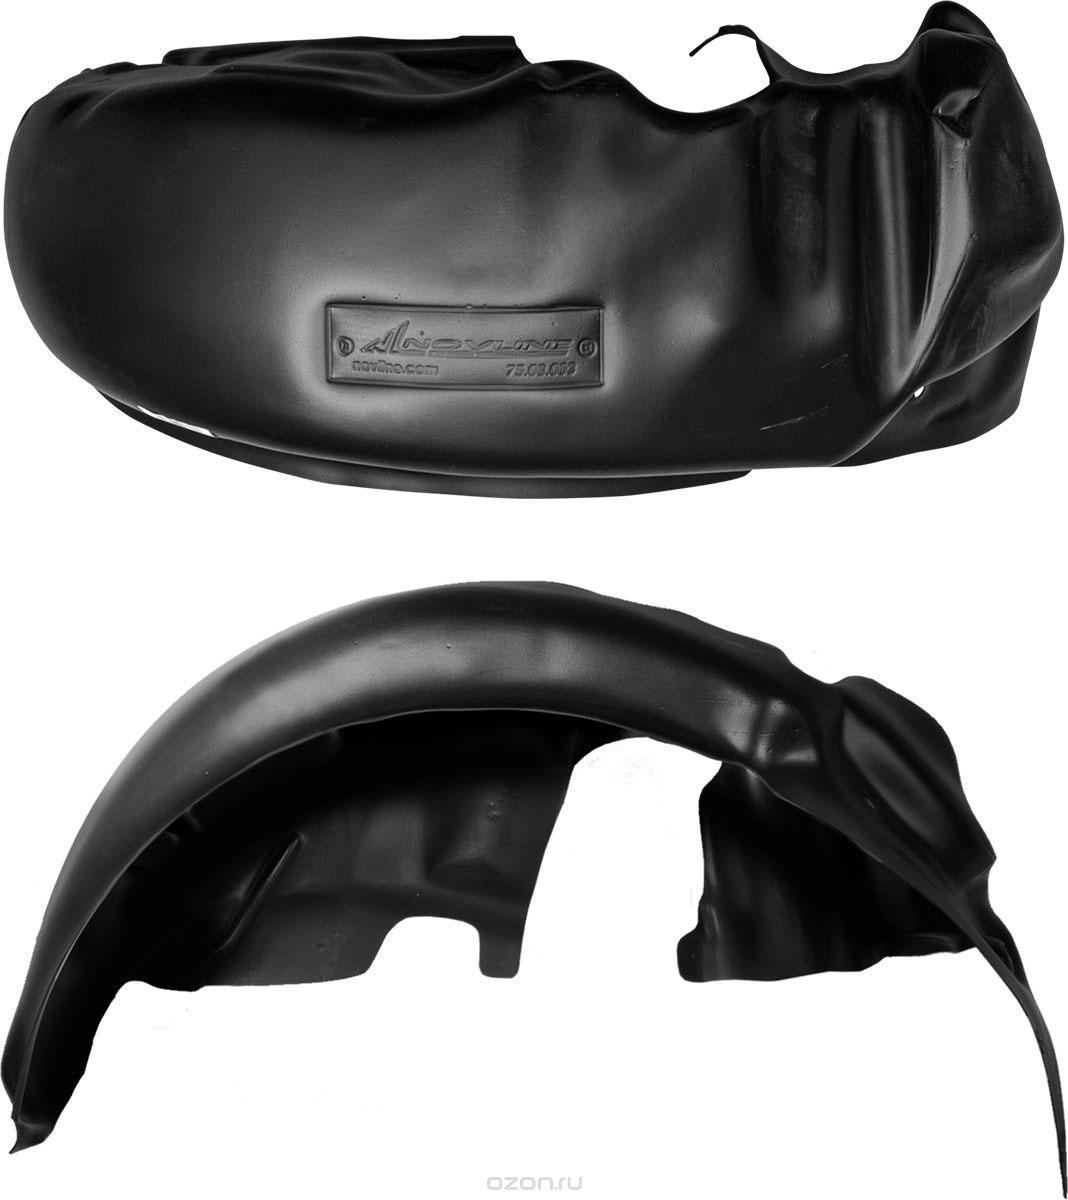 Подкрылок Novline-Autofamily, для TOYOTA Auris 03/2007-2013, передний левыйNLL.48.16.001Идеальная защита колесной ниши. Локеры разработаны с применением цифровых технологий, гарантируют максимальную повторяемость поверхности арки. Изделия устанавливаются без нарушения лакокрасочного покрытия автомобиля, каждый подкрылок комплектуется крепежом. Уважаемые клиенты, обращаем ваше внимание, что фотографии на подкрылки универсальные и не отражают реальную форму изделия. При этом само изделие идет точно под размер указанного автомобиля.